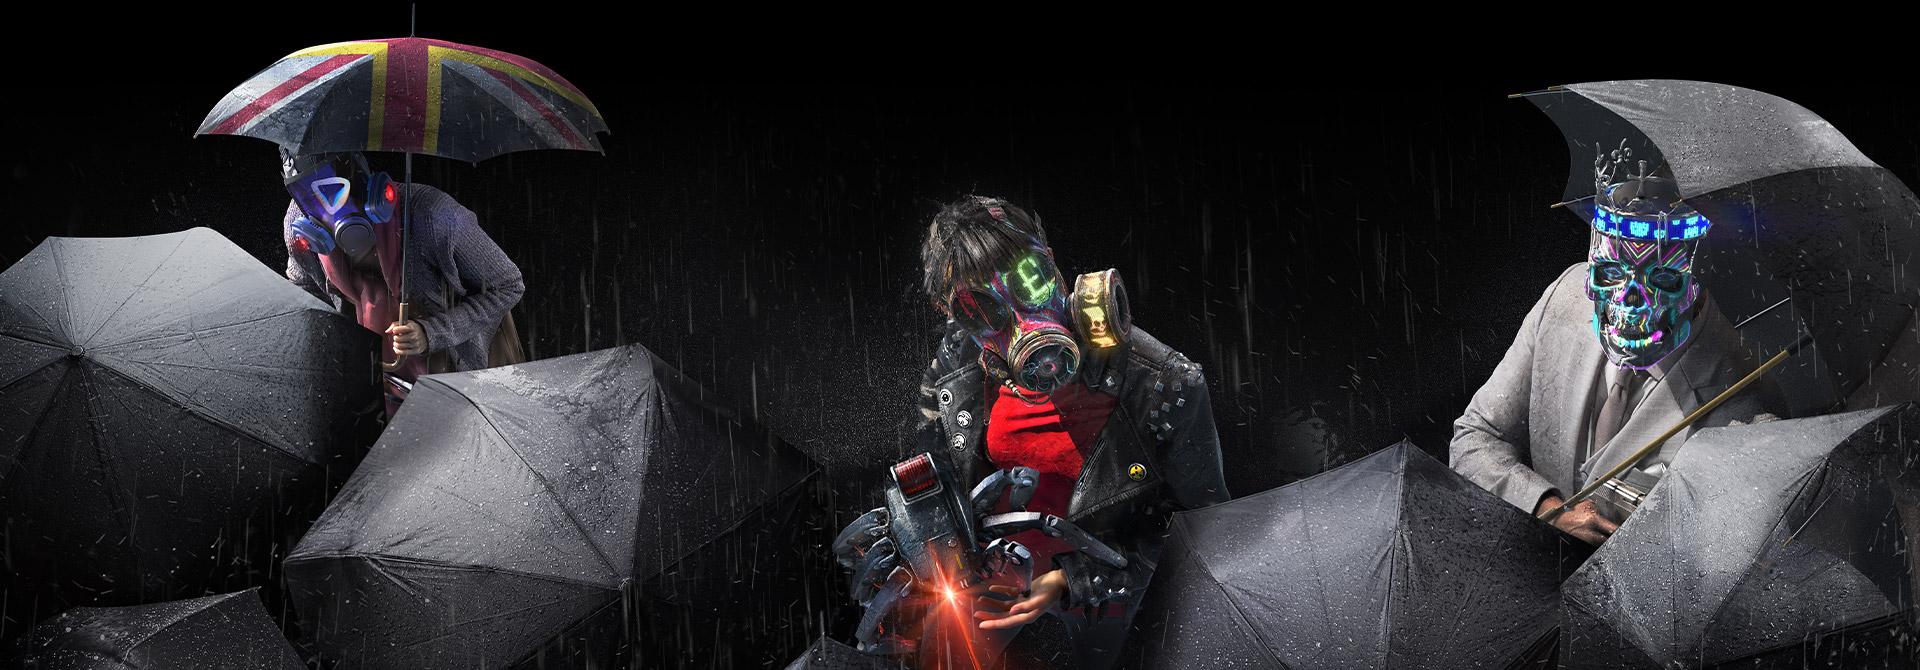 《看门狗:军团》中的角色被撑起的黑伞包围